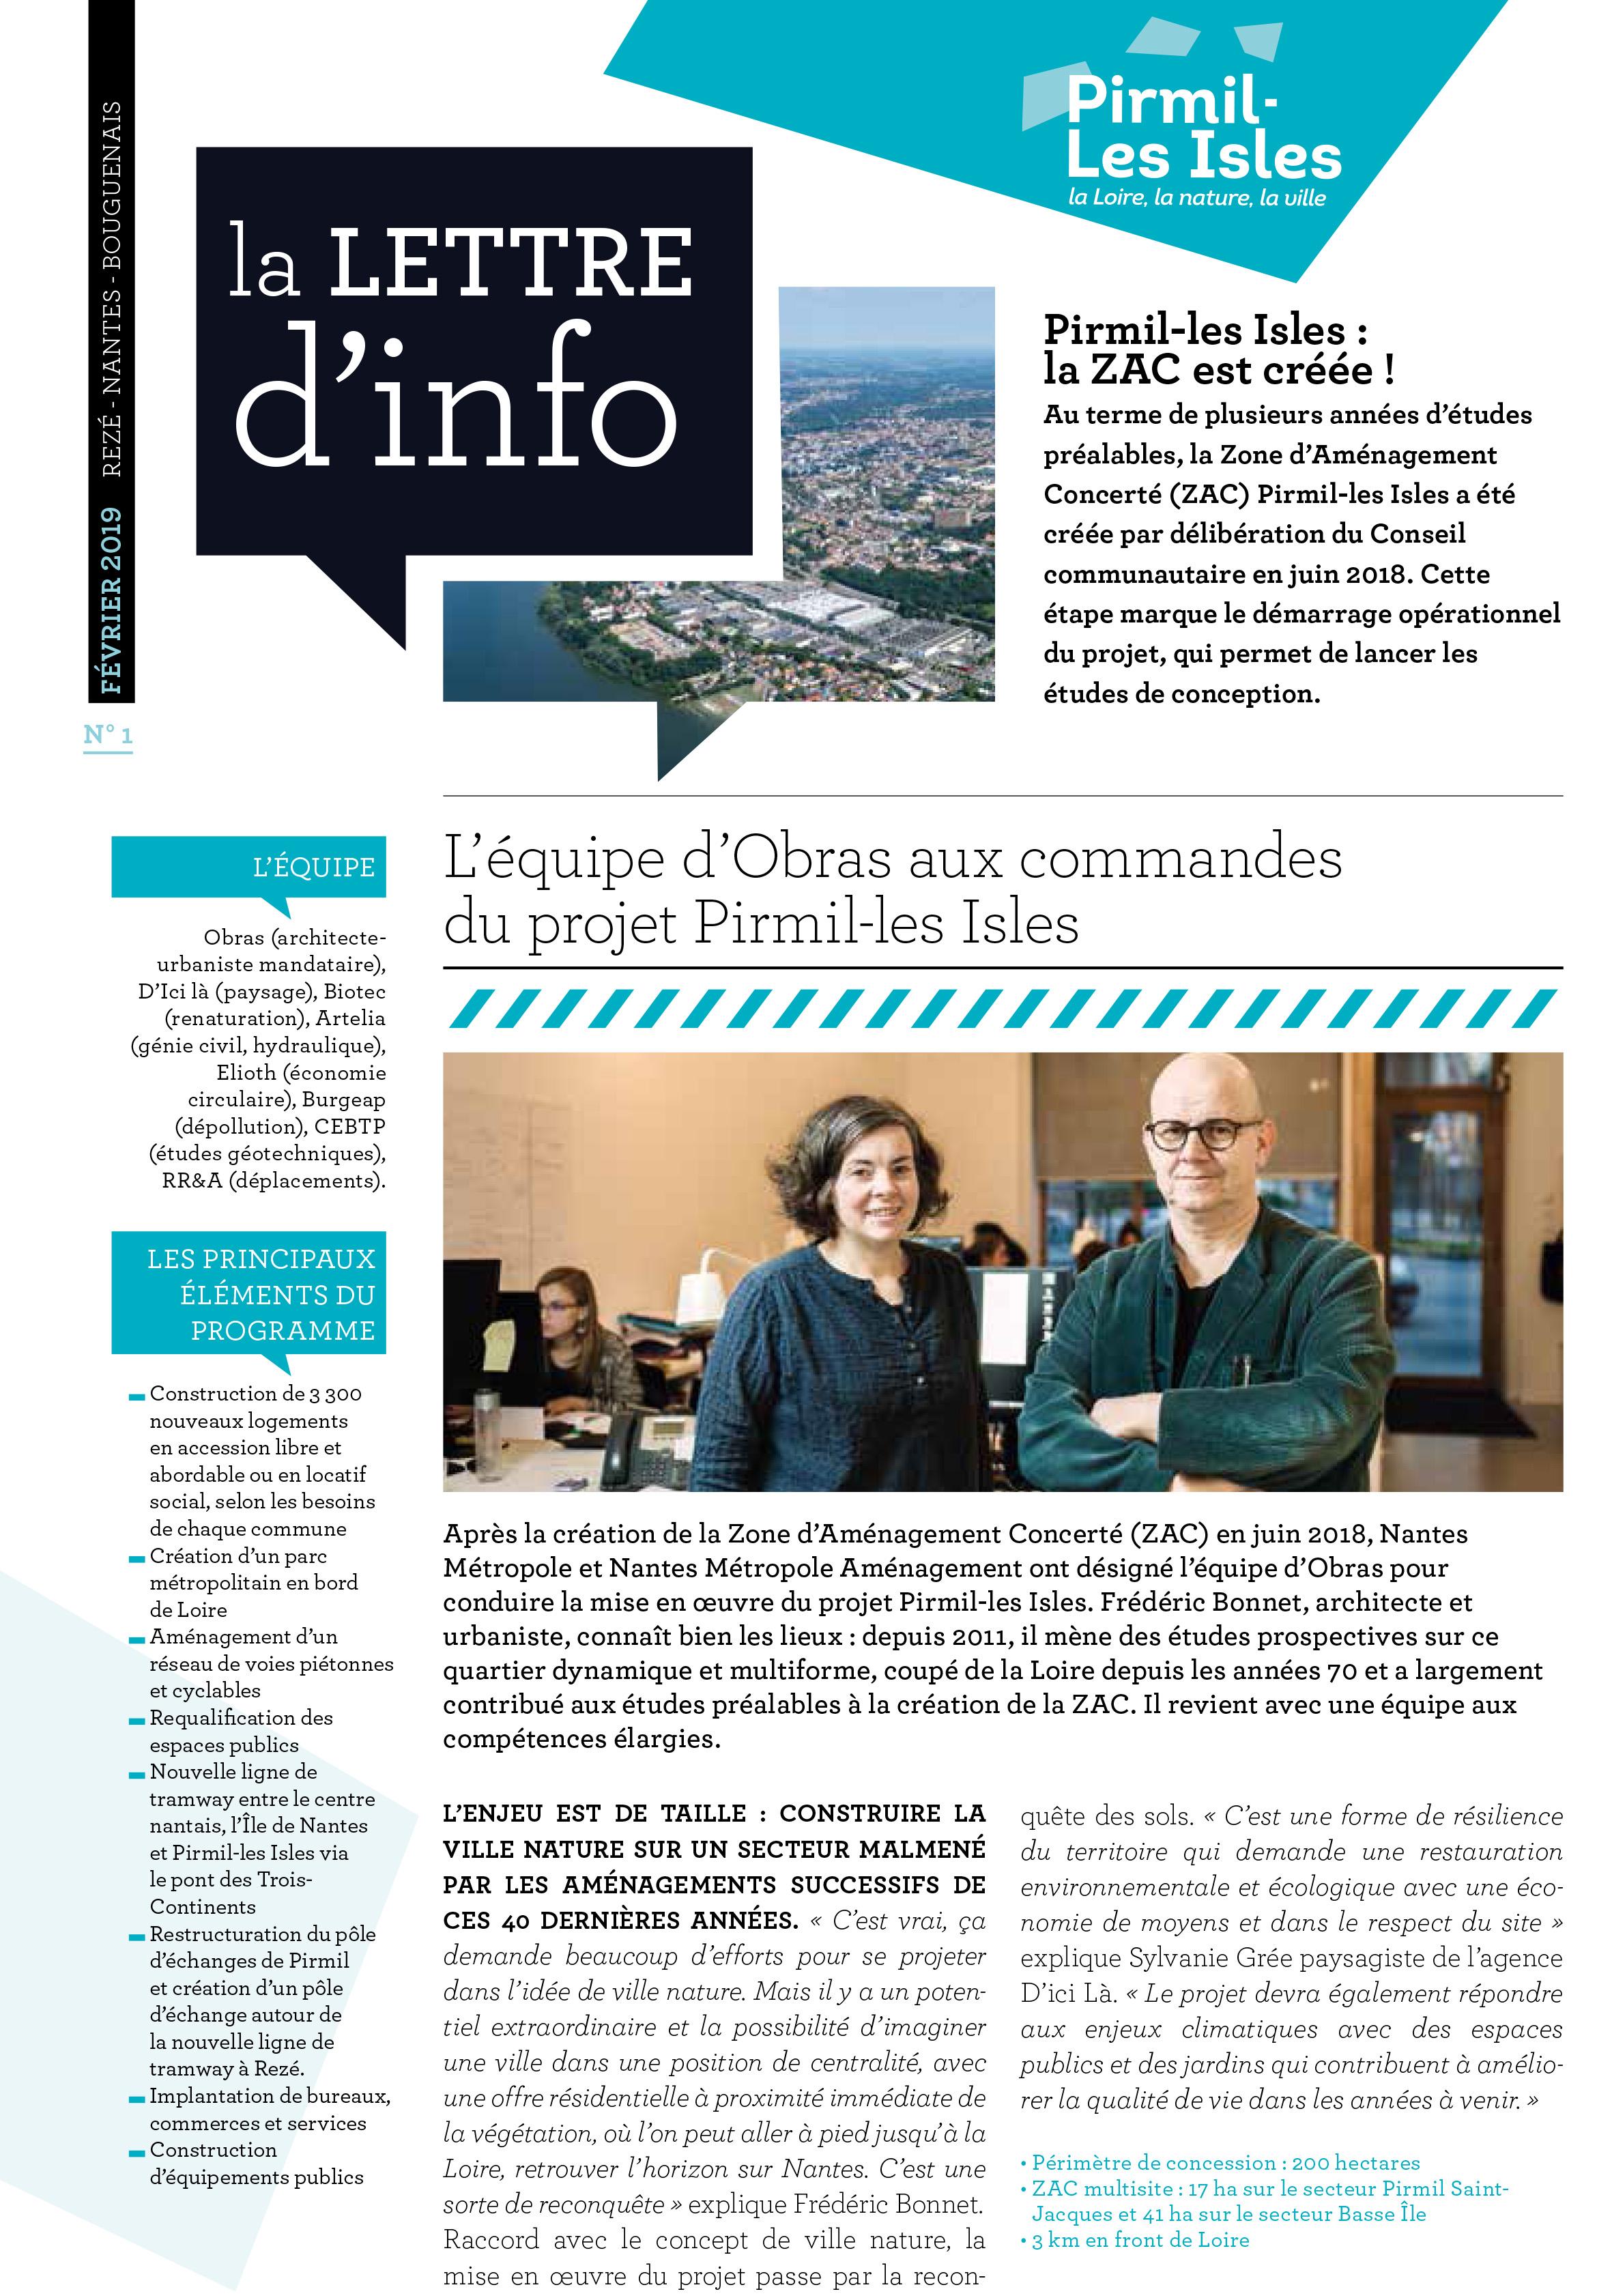 Nantes Aménagement_Lettre d'Info n°1_Pirmil-Les Isles_février 2019-1.jpg